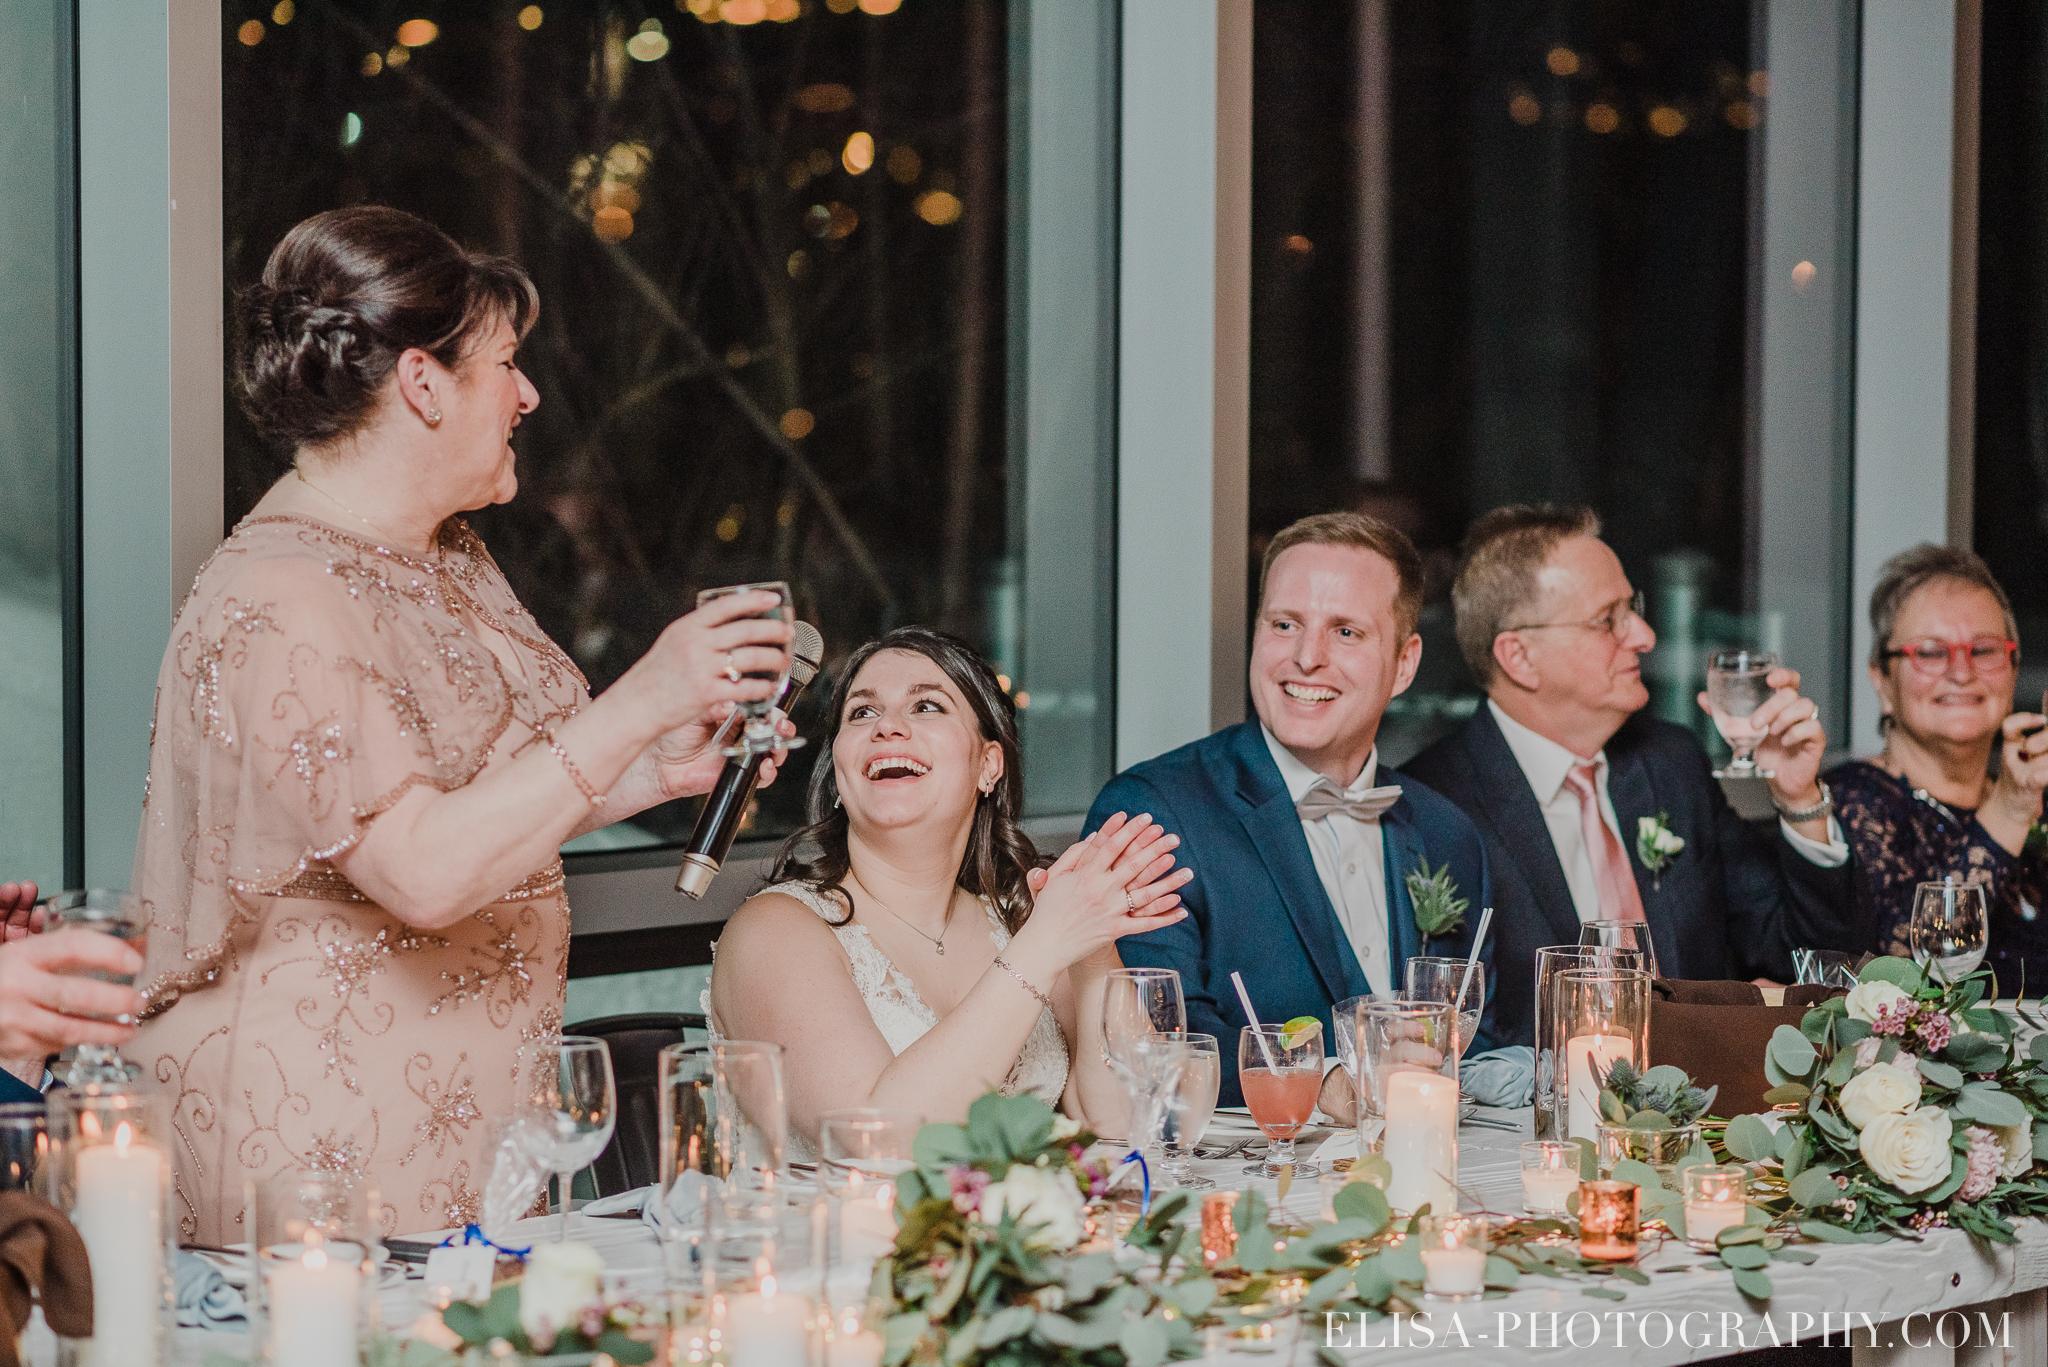 photo mariage hiver salle quai cap blanc port quebec reception chandelles toast 3581 - Un chaleureux mariage hivernal à la salle du Quai du Cap Blanc, Québec